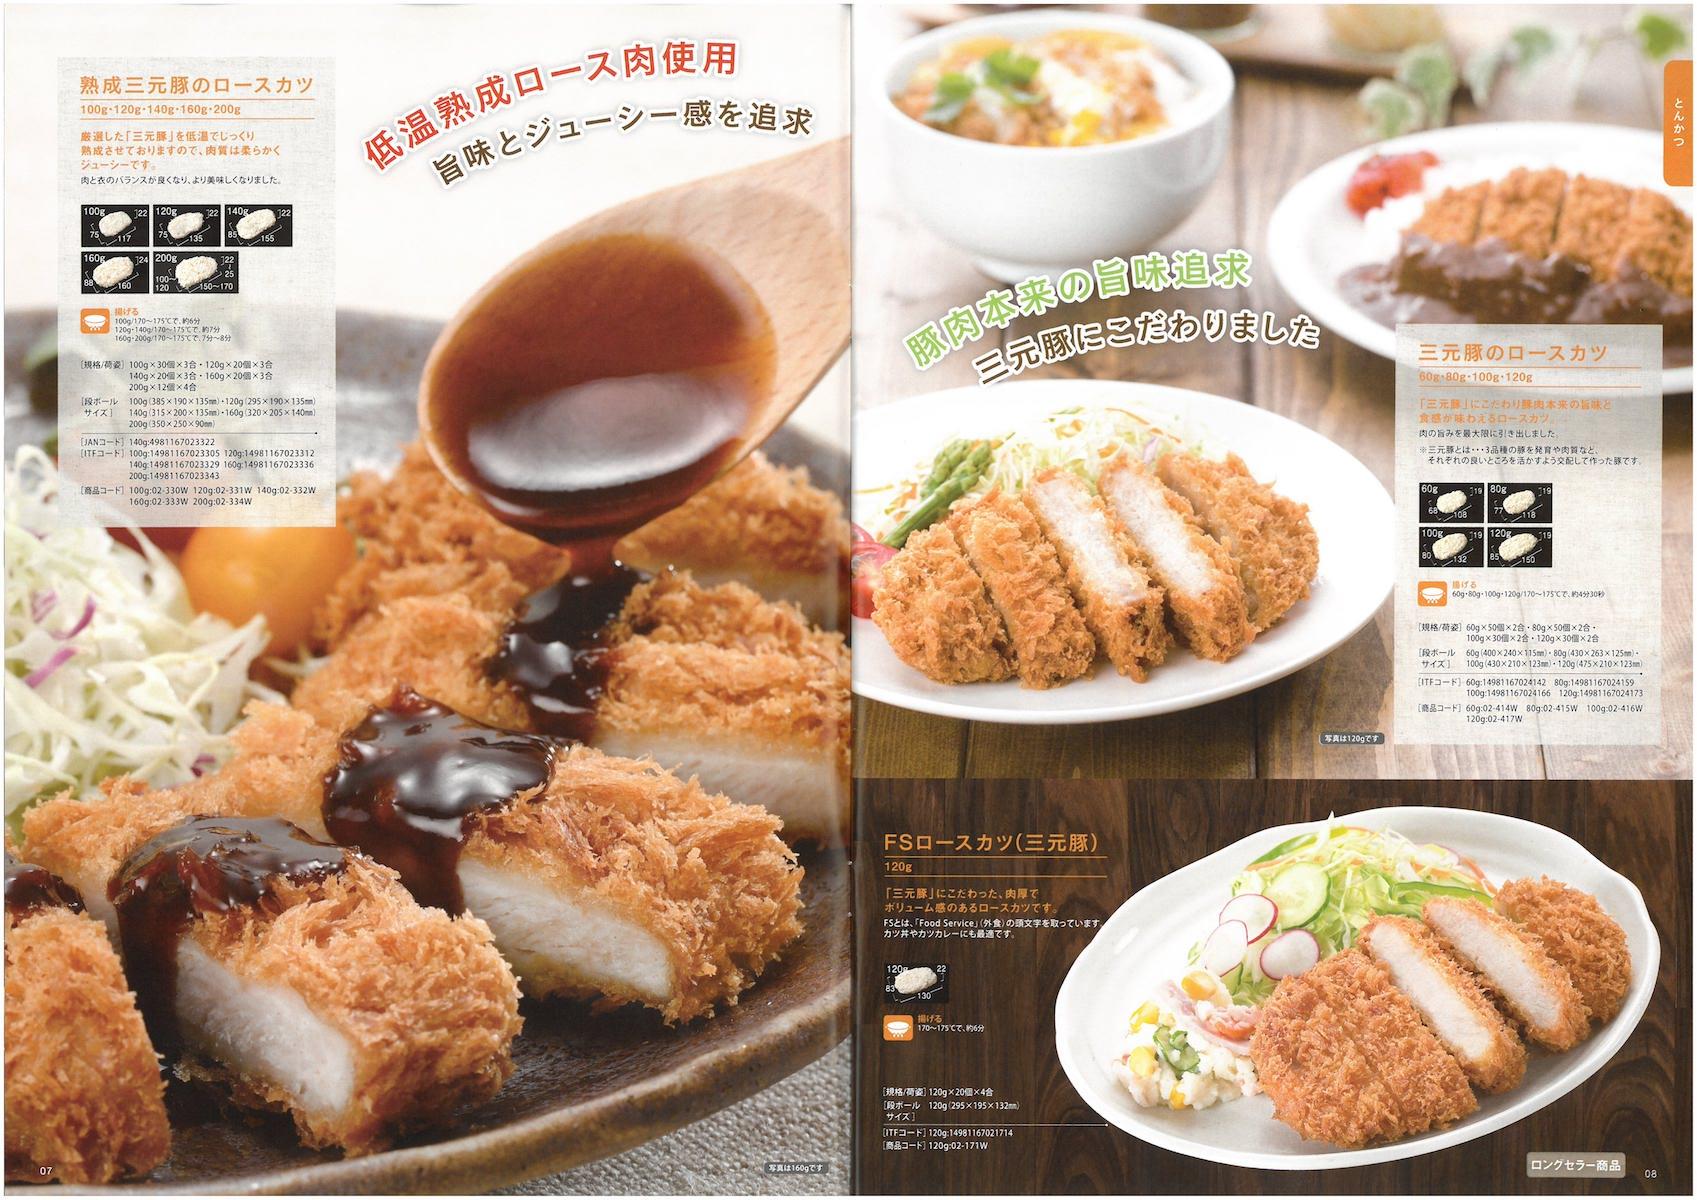 四国日清食品 熟成三元豚のロースカツ 三元豚のロースカツ FSロースカツ(三元豚)